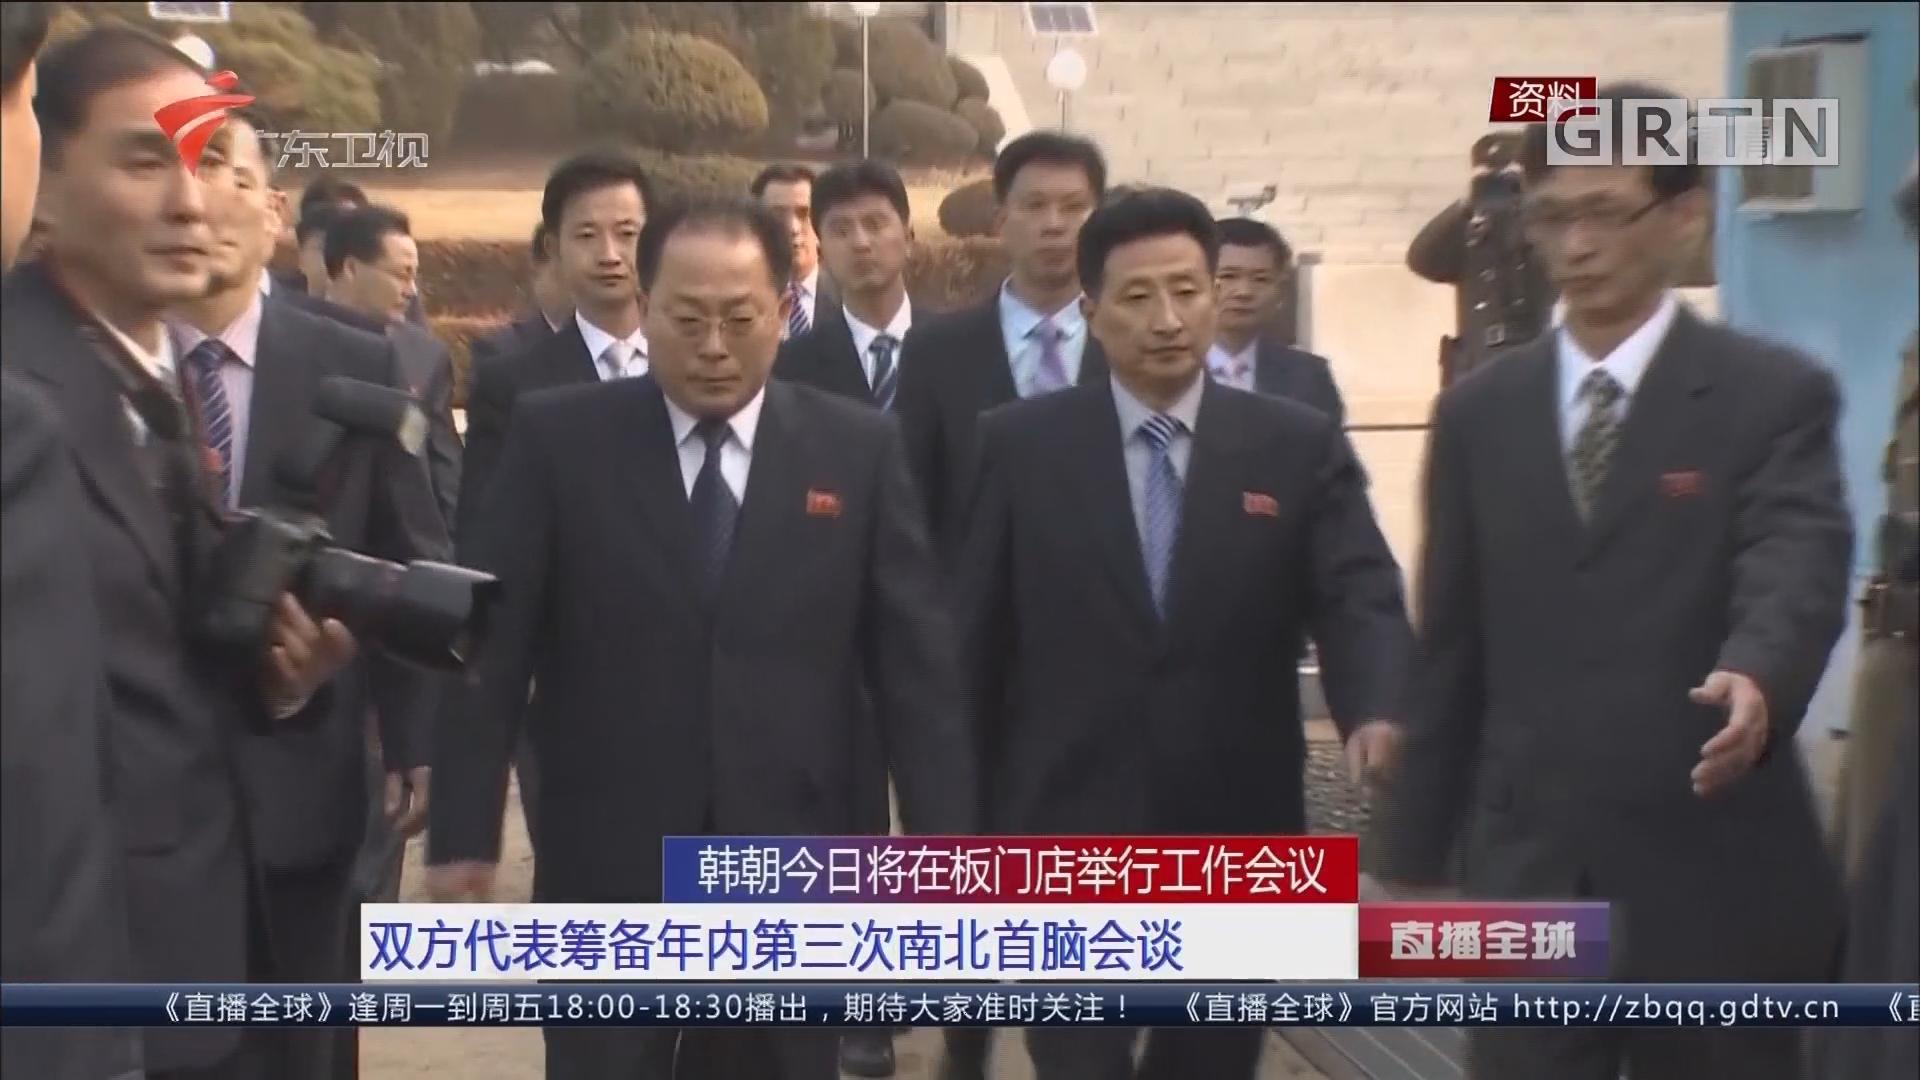 韩朝今日将在板门店举行工作会议:双方代表筹备年内第三次南北首脑会谈